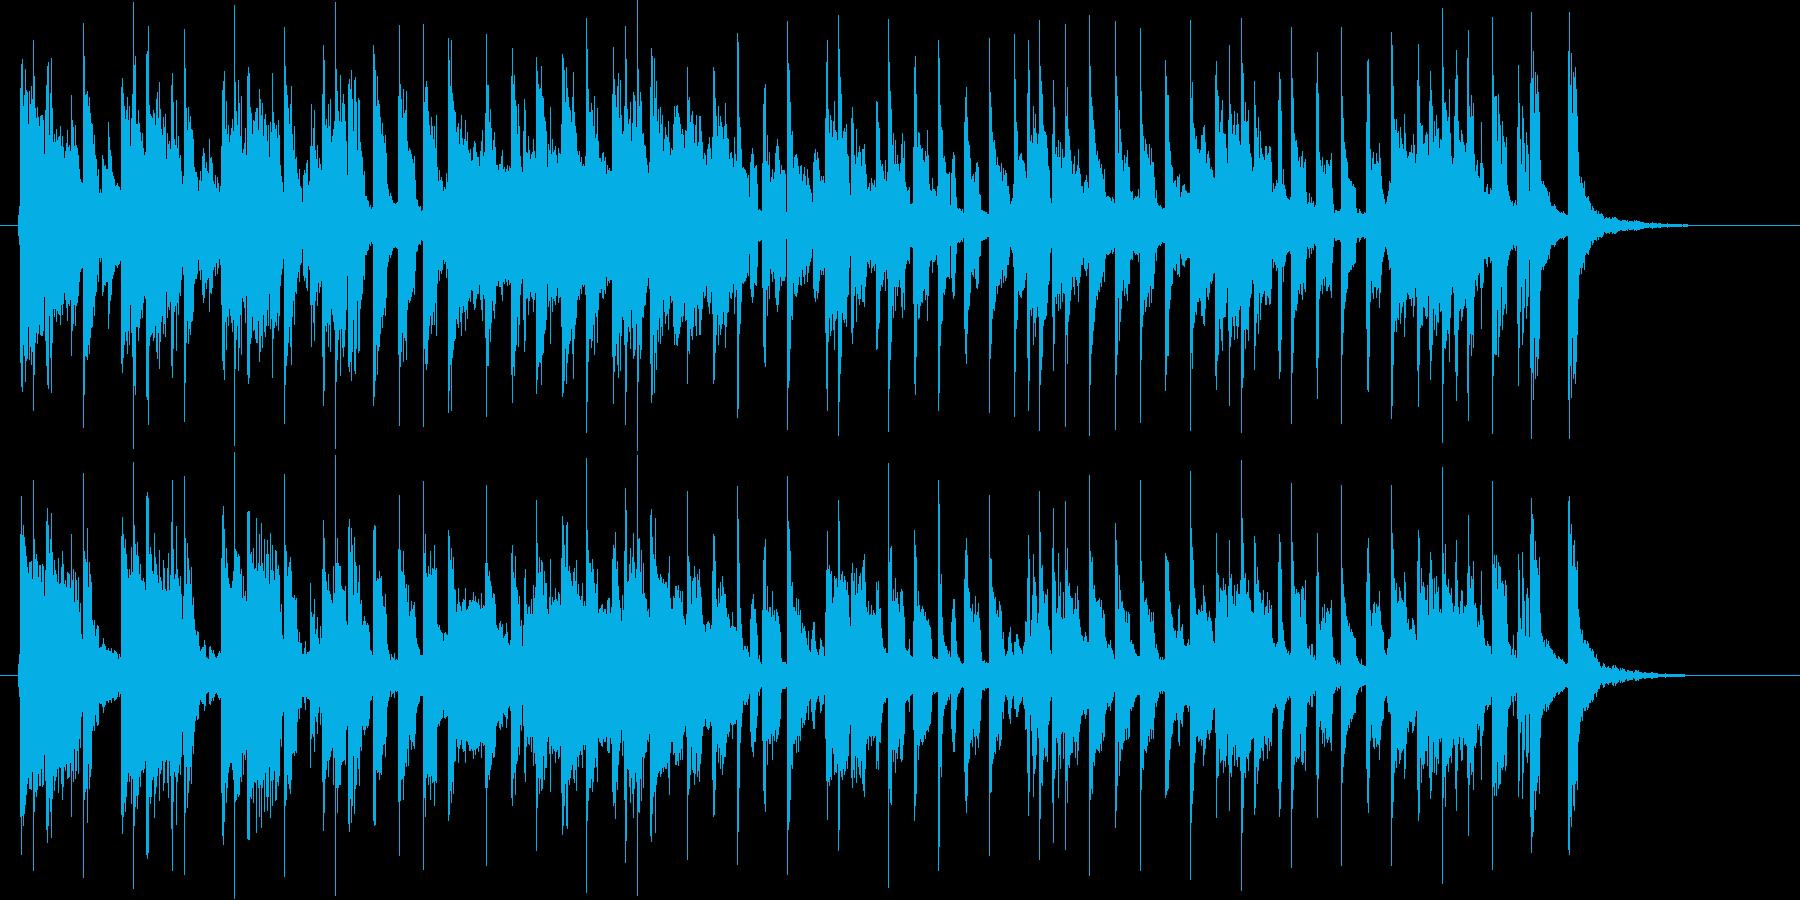 軽快で元気なシンセポップジングルの再生済みの波形